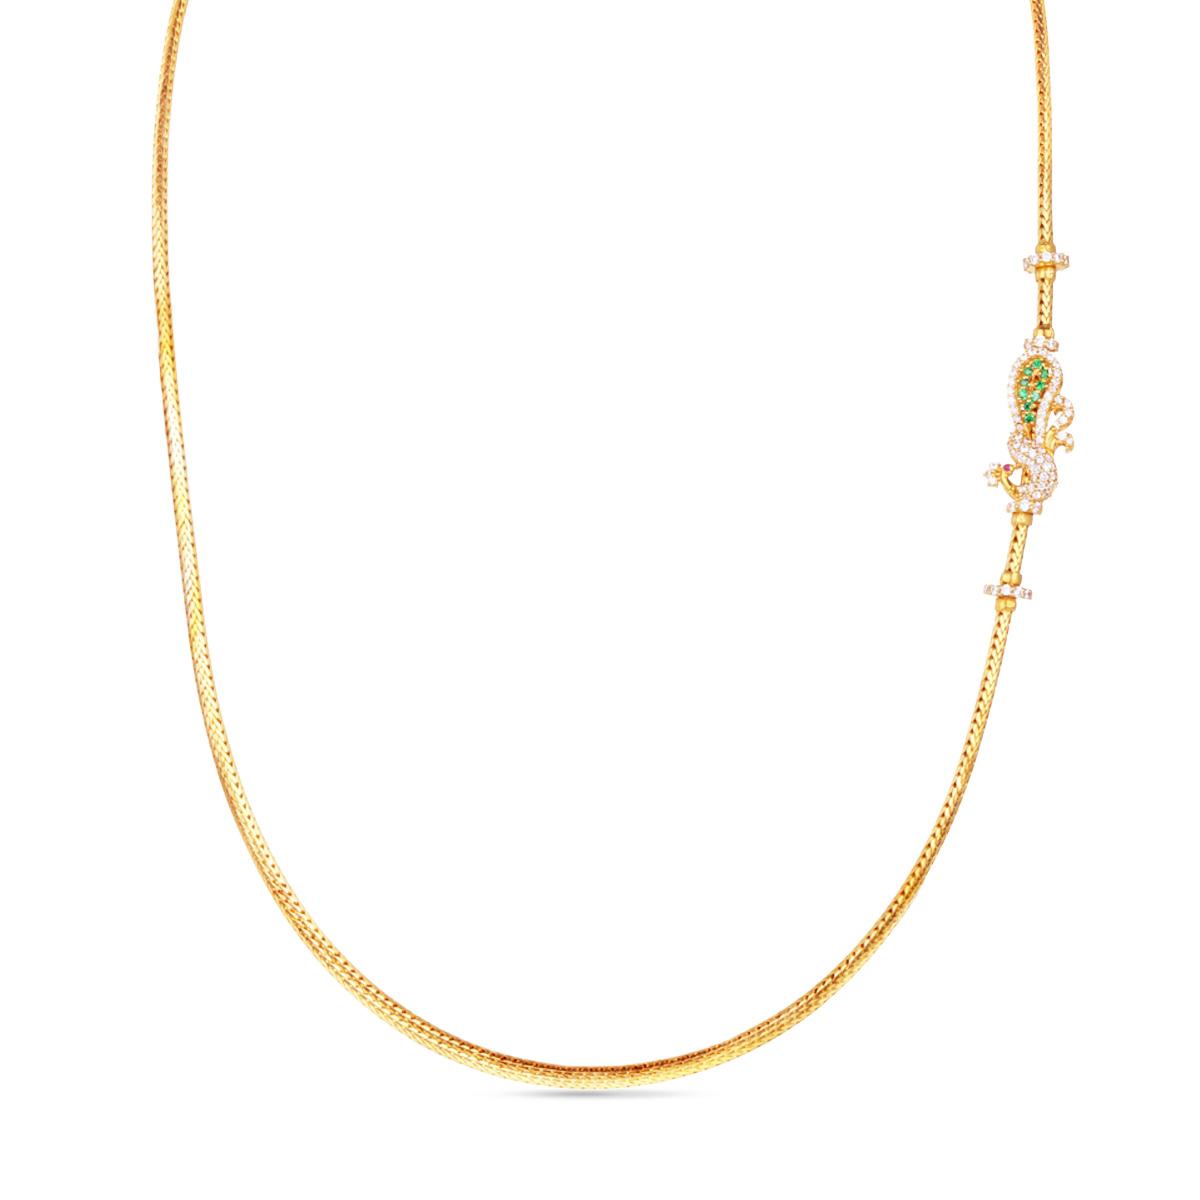 Elegant Mugapu chain